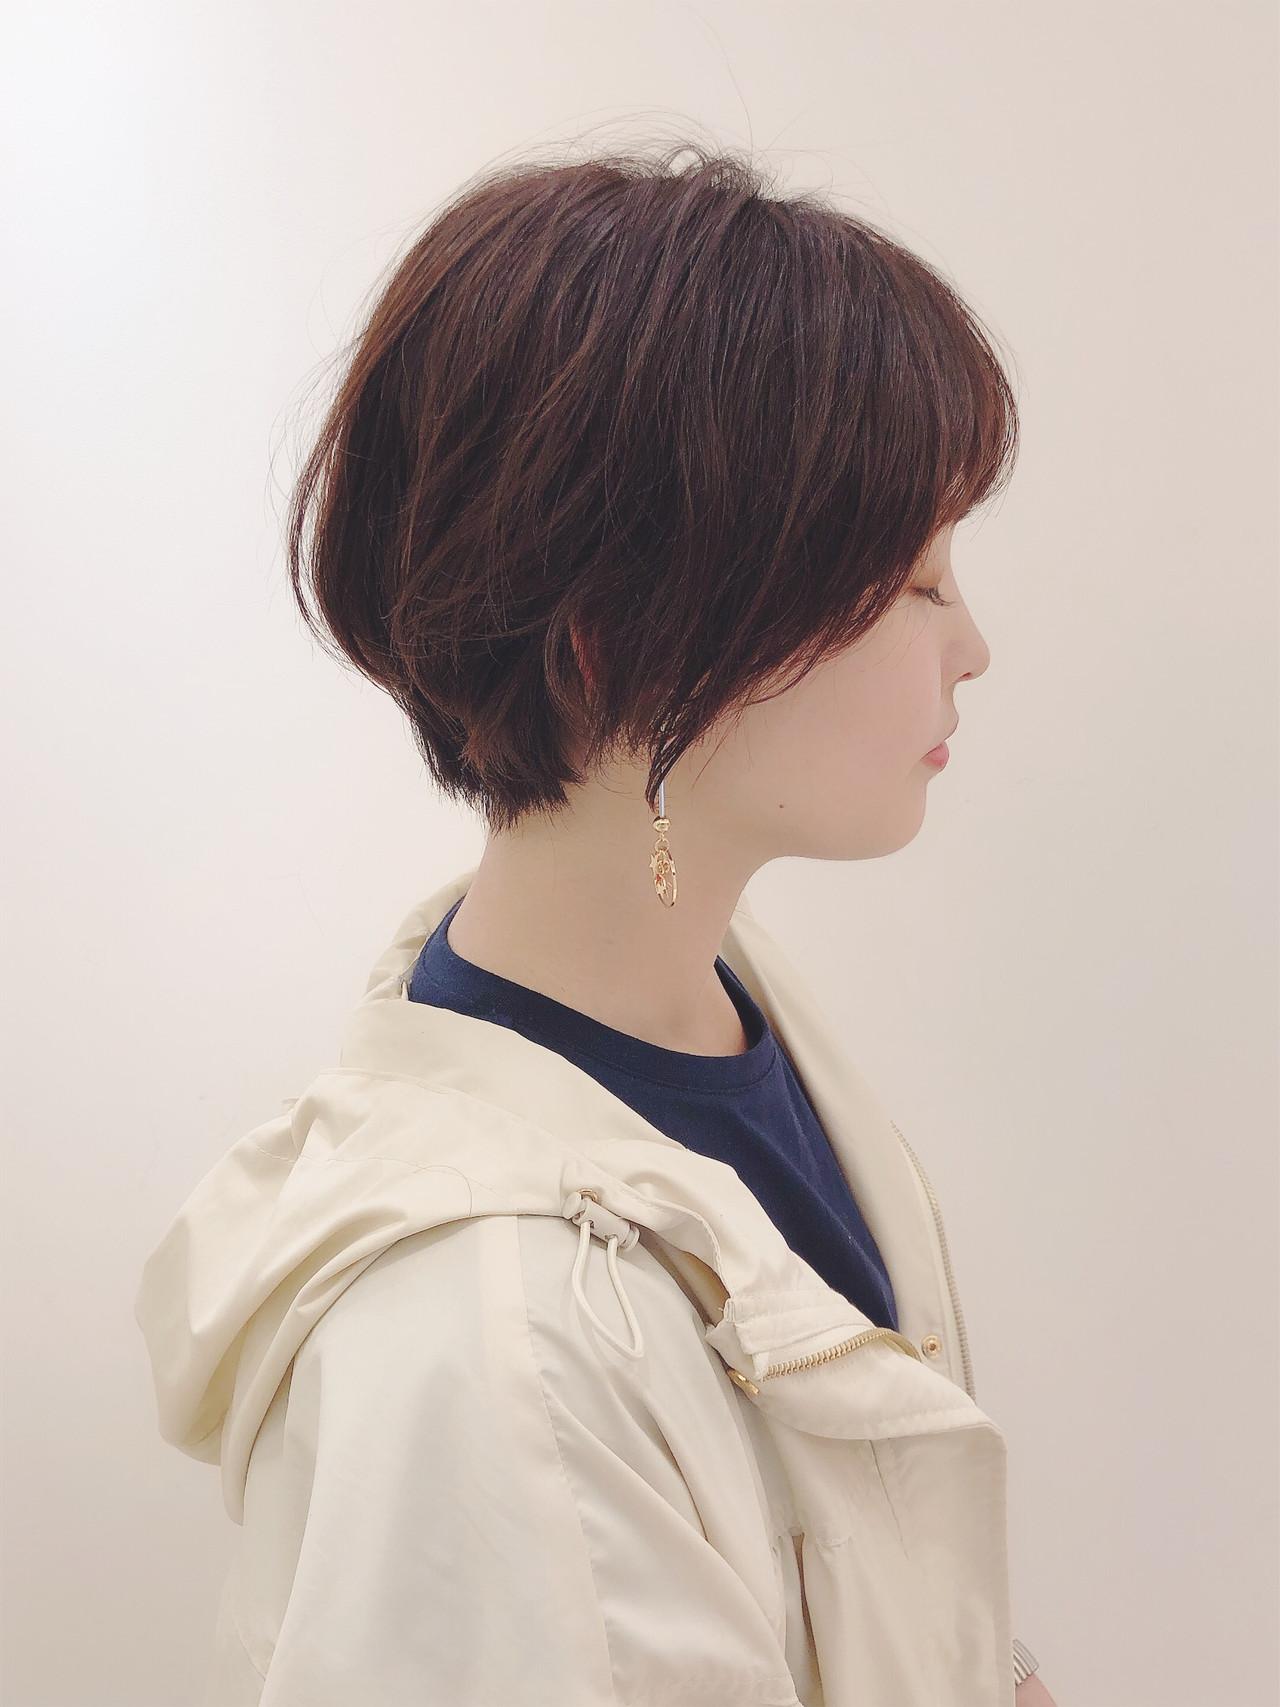 パーマ ナチュラル ゆるふわパーマ 透明感 ヘアスタイルや髪型の写真・画像